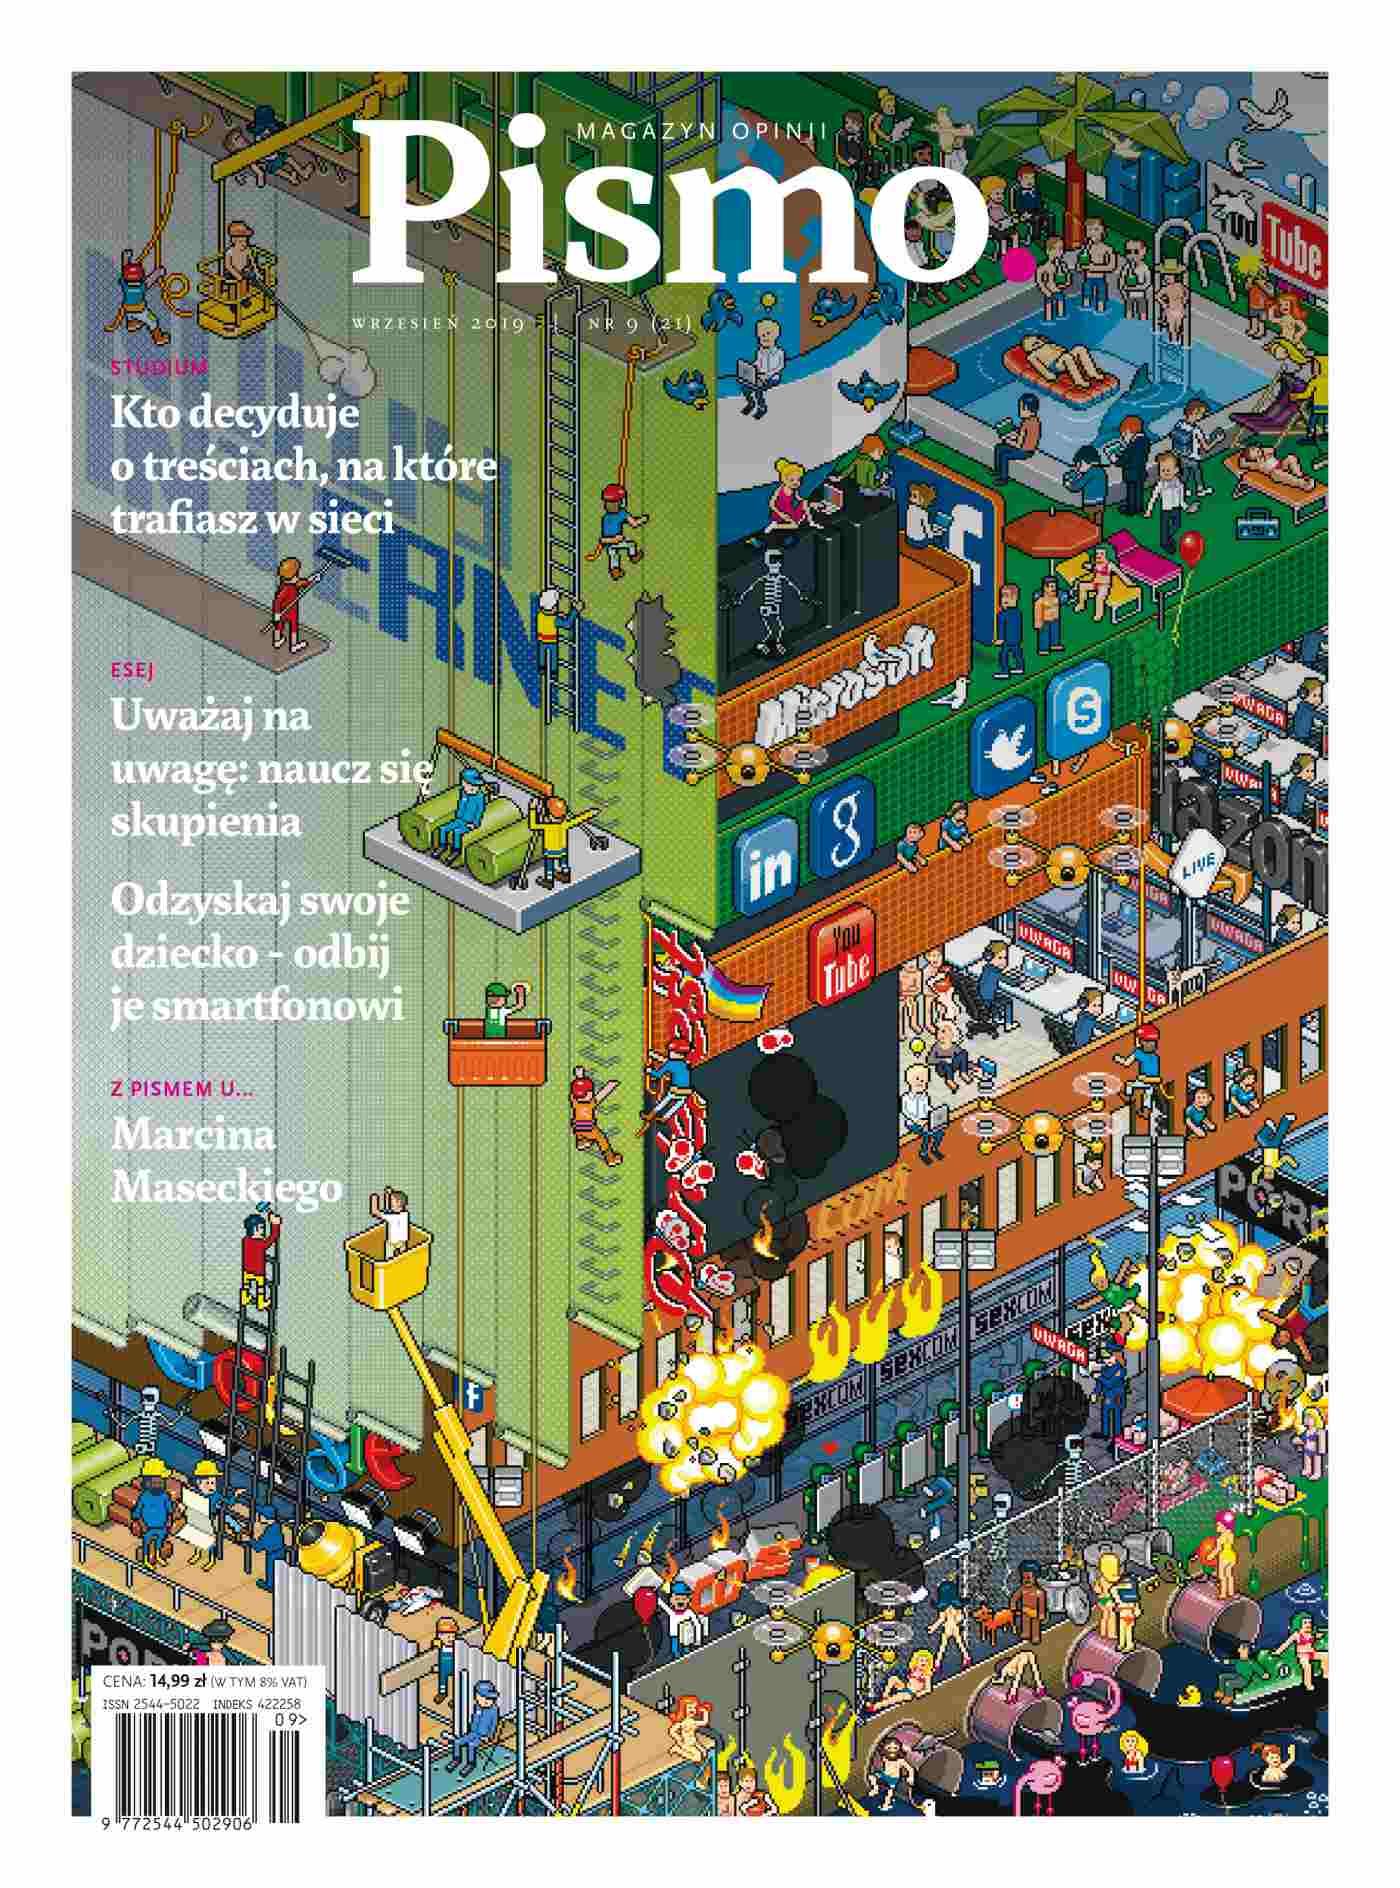 Pismo. Magazyn Opinii 09/2019 - Ebook (Książka EPUB) do pobrania w formacie EPUB